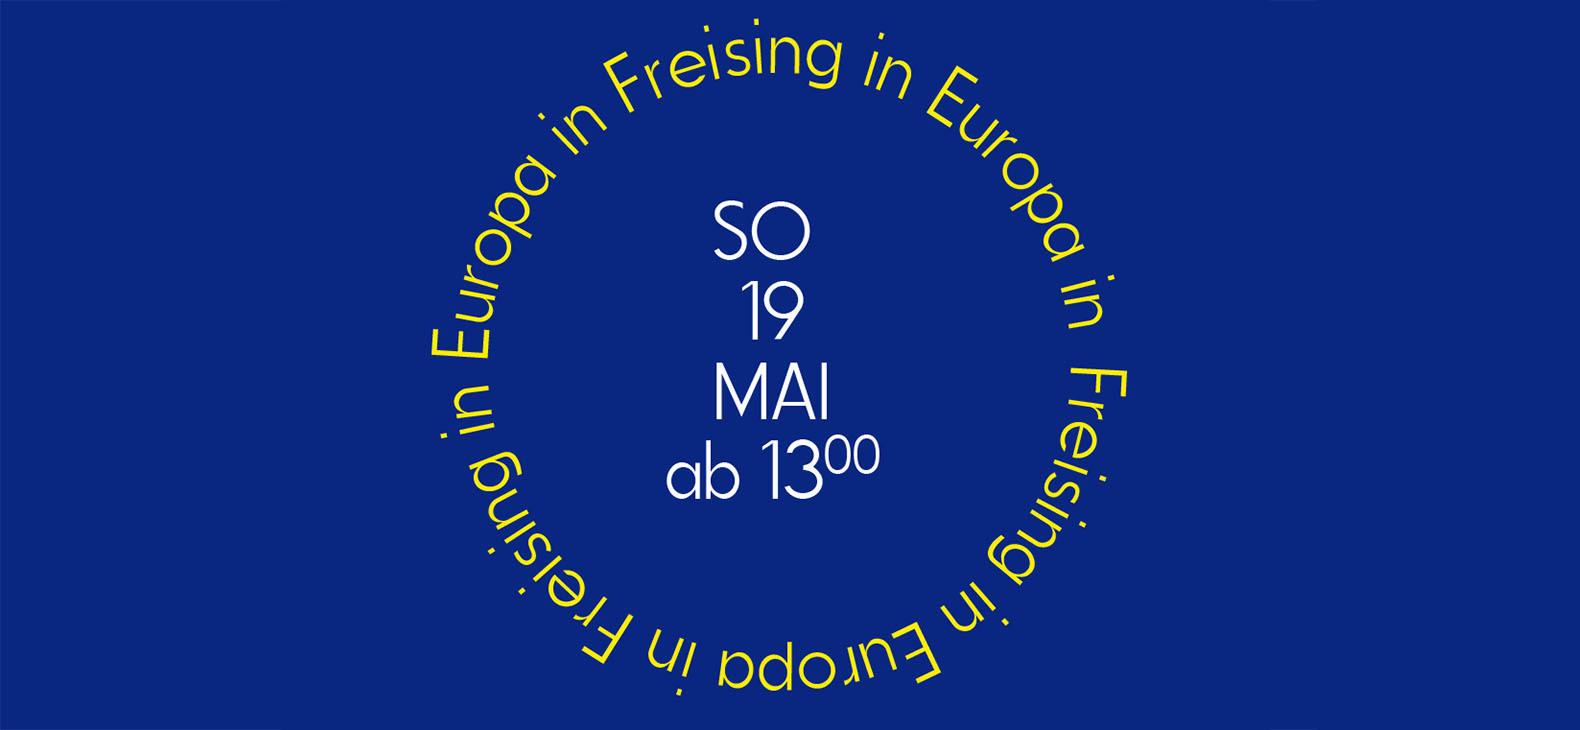 Freising in Europa